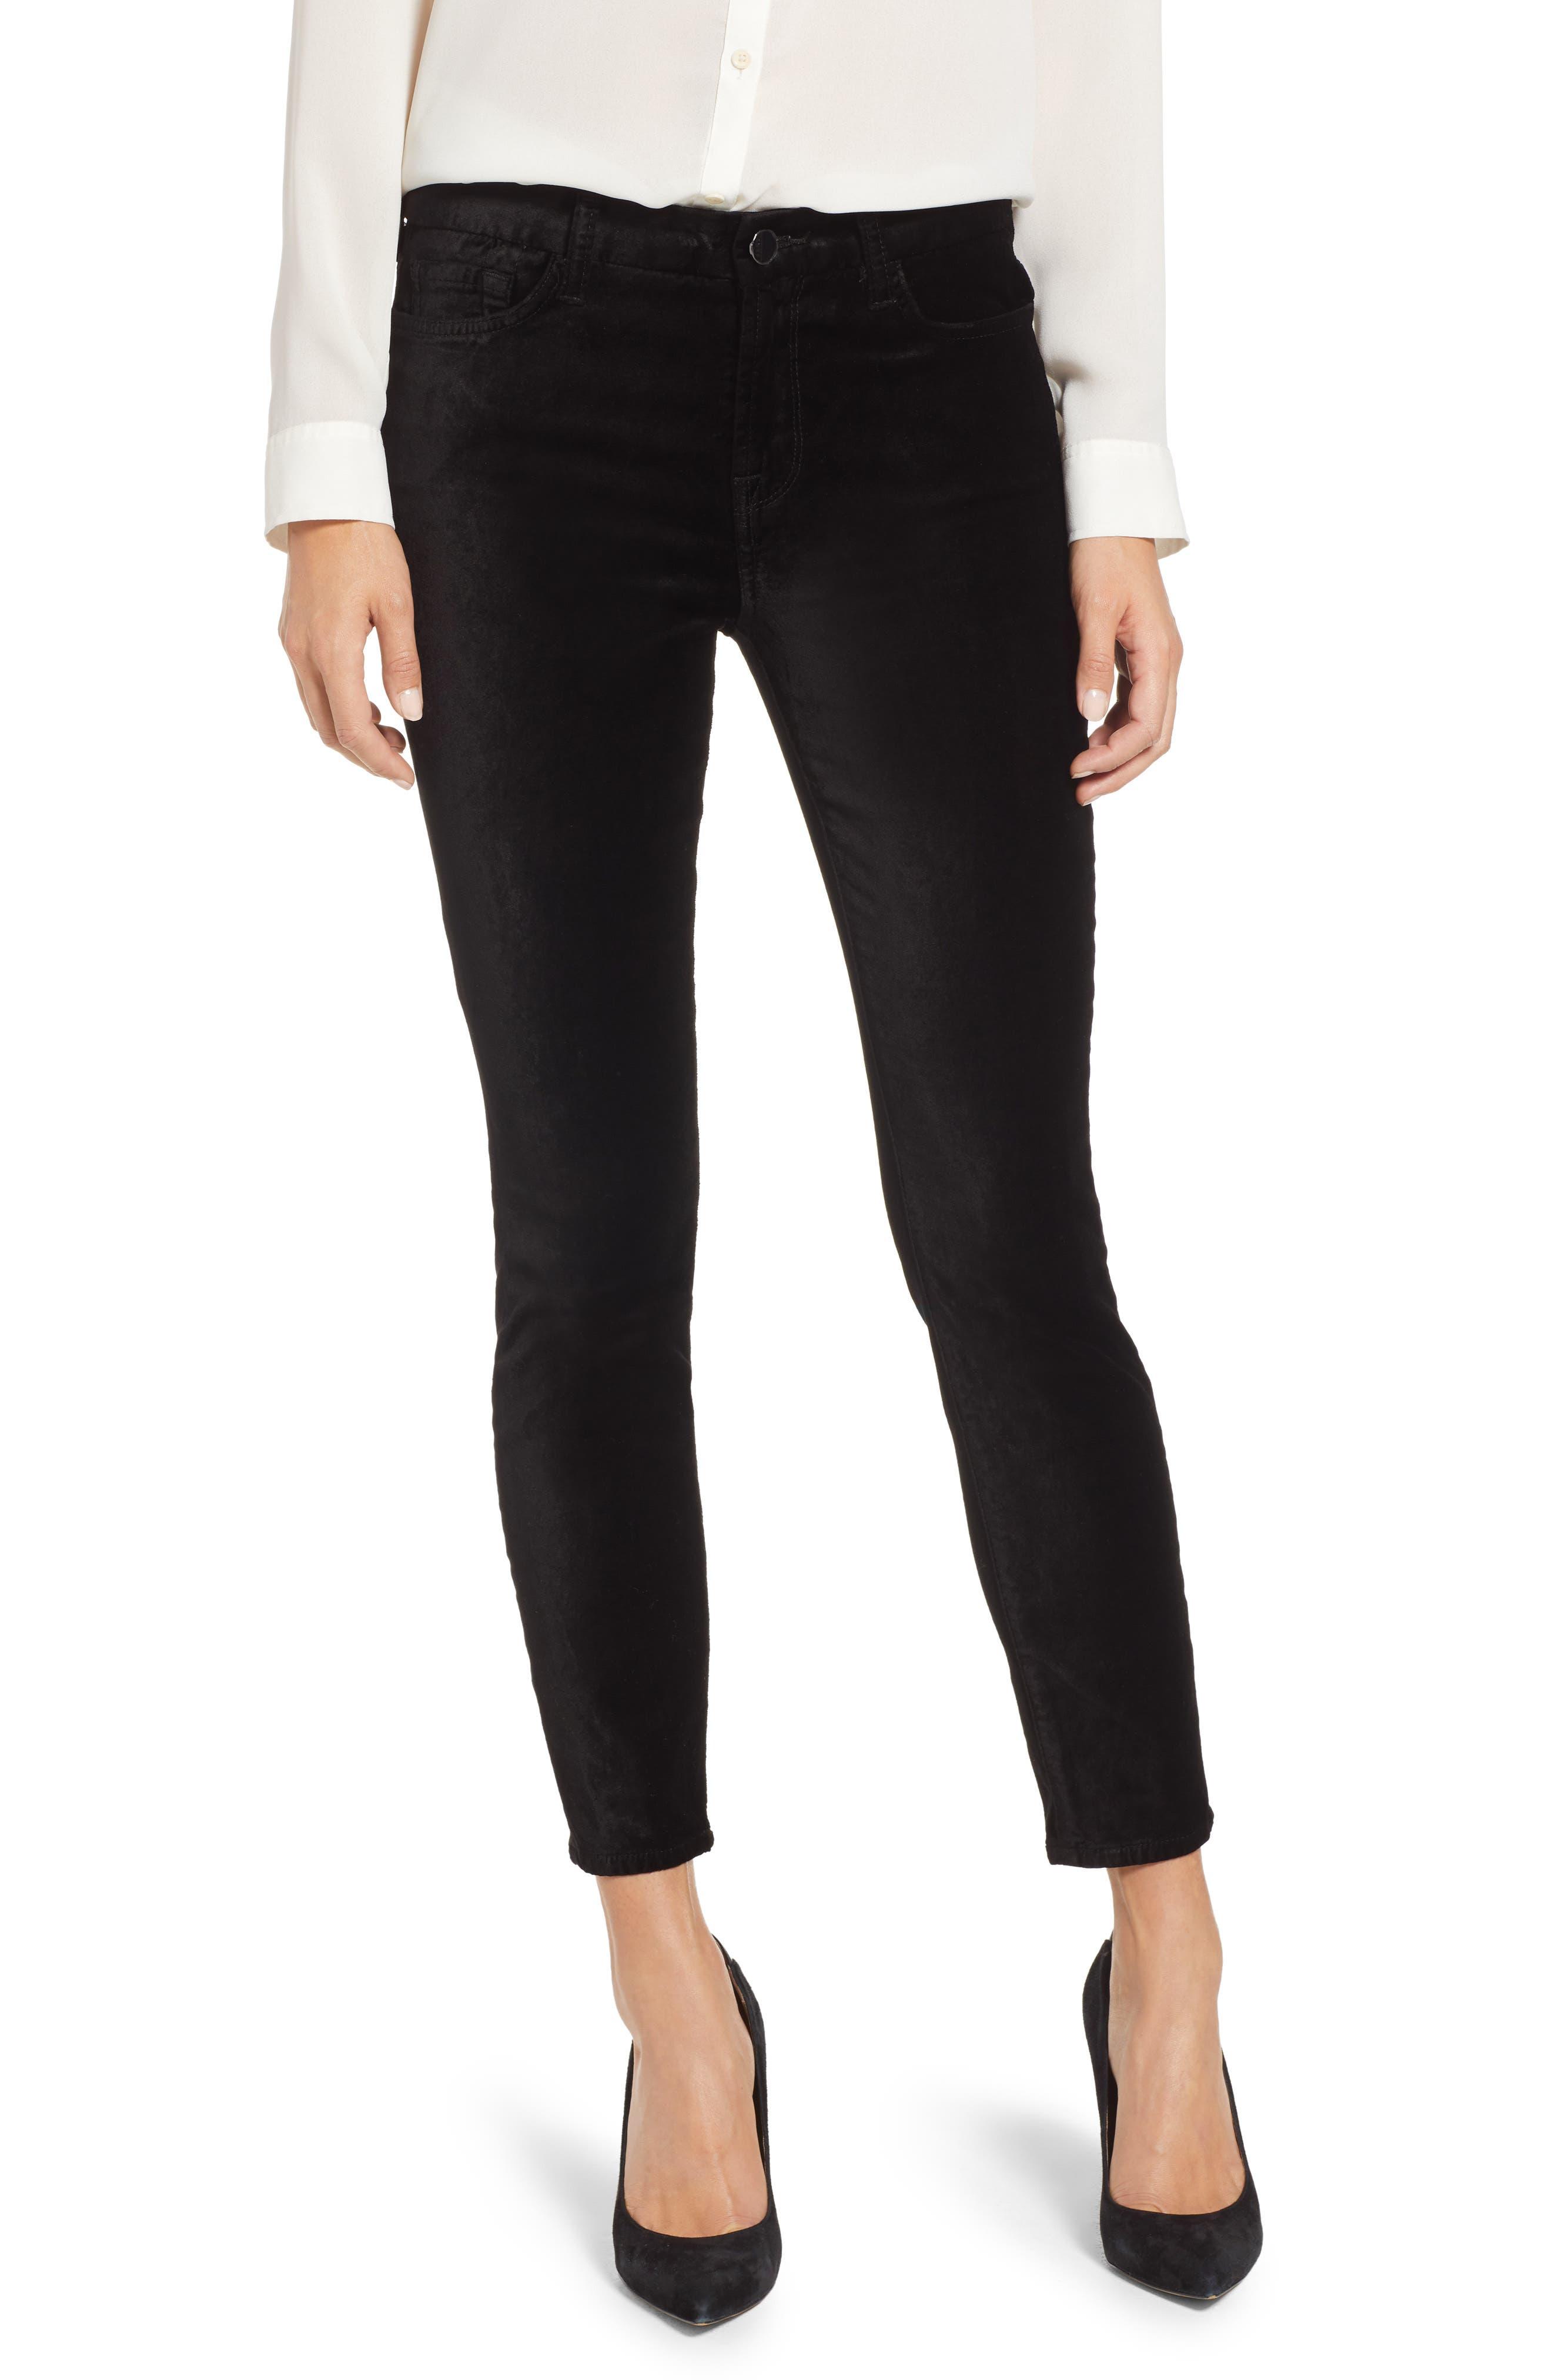 Velvet Ankle Skinny High Waist Pants in Black